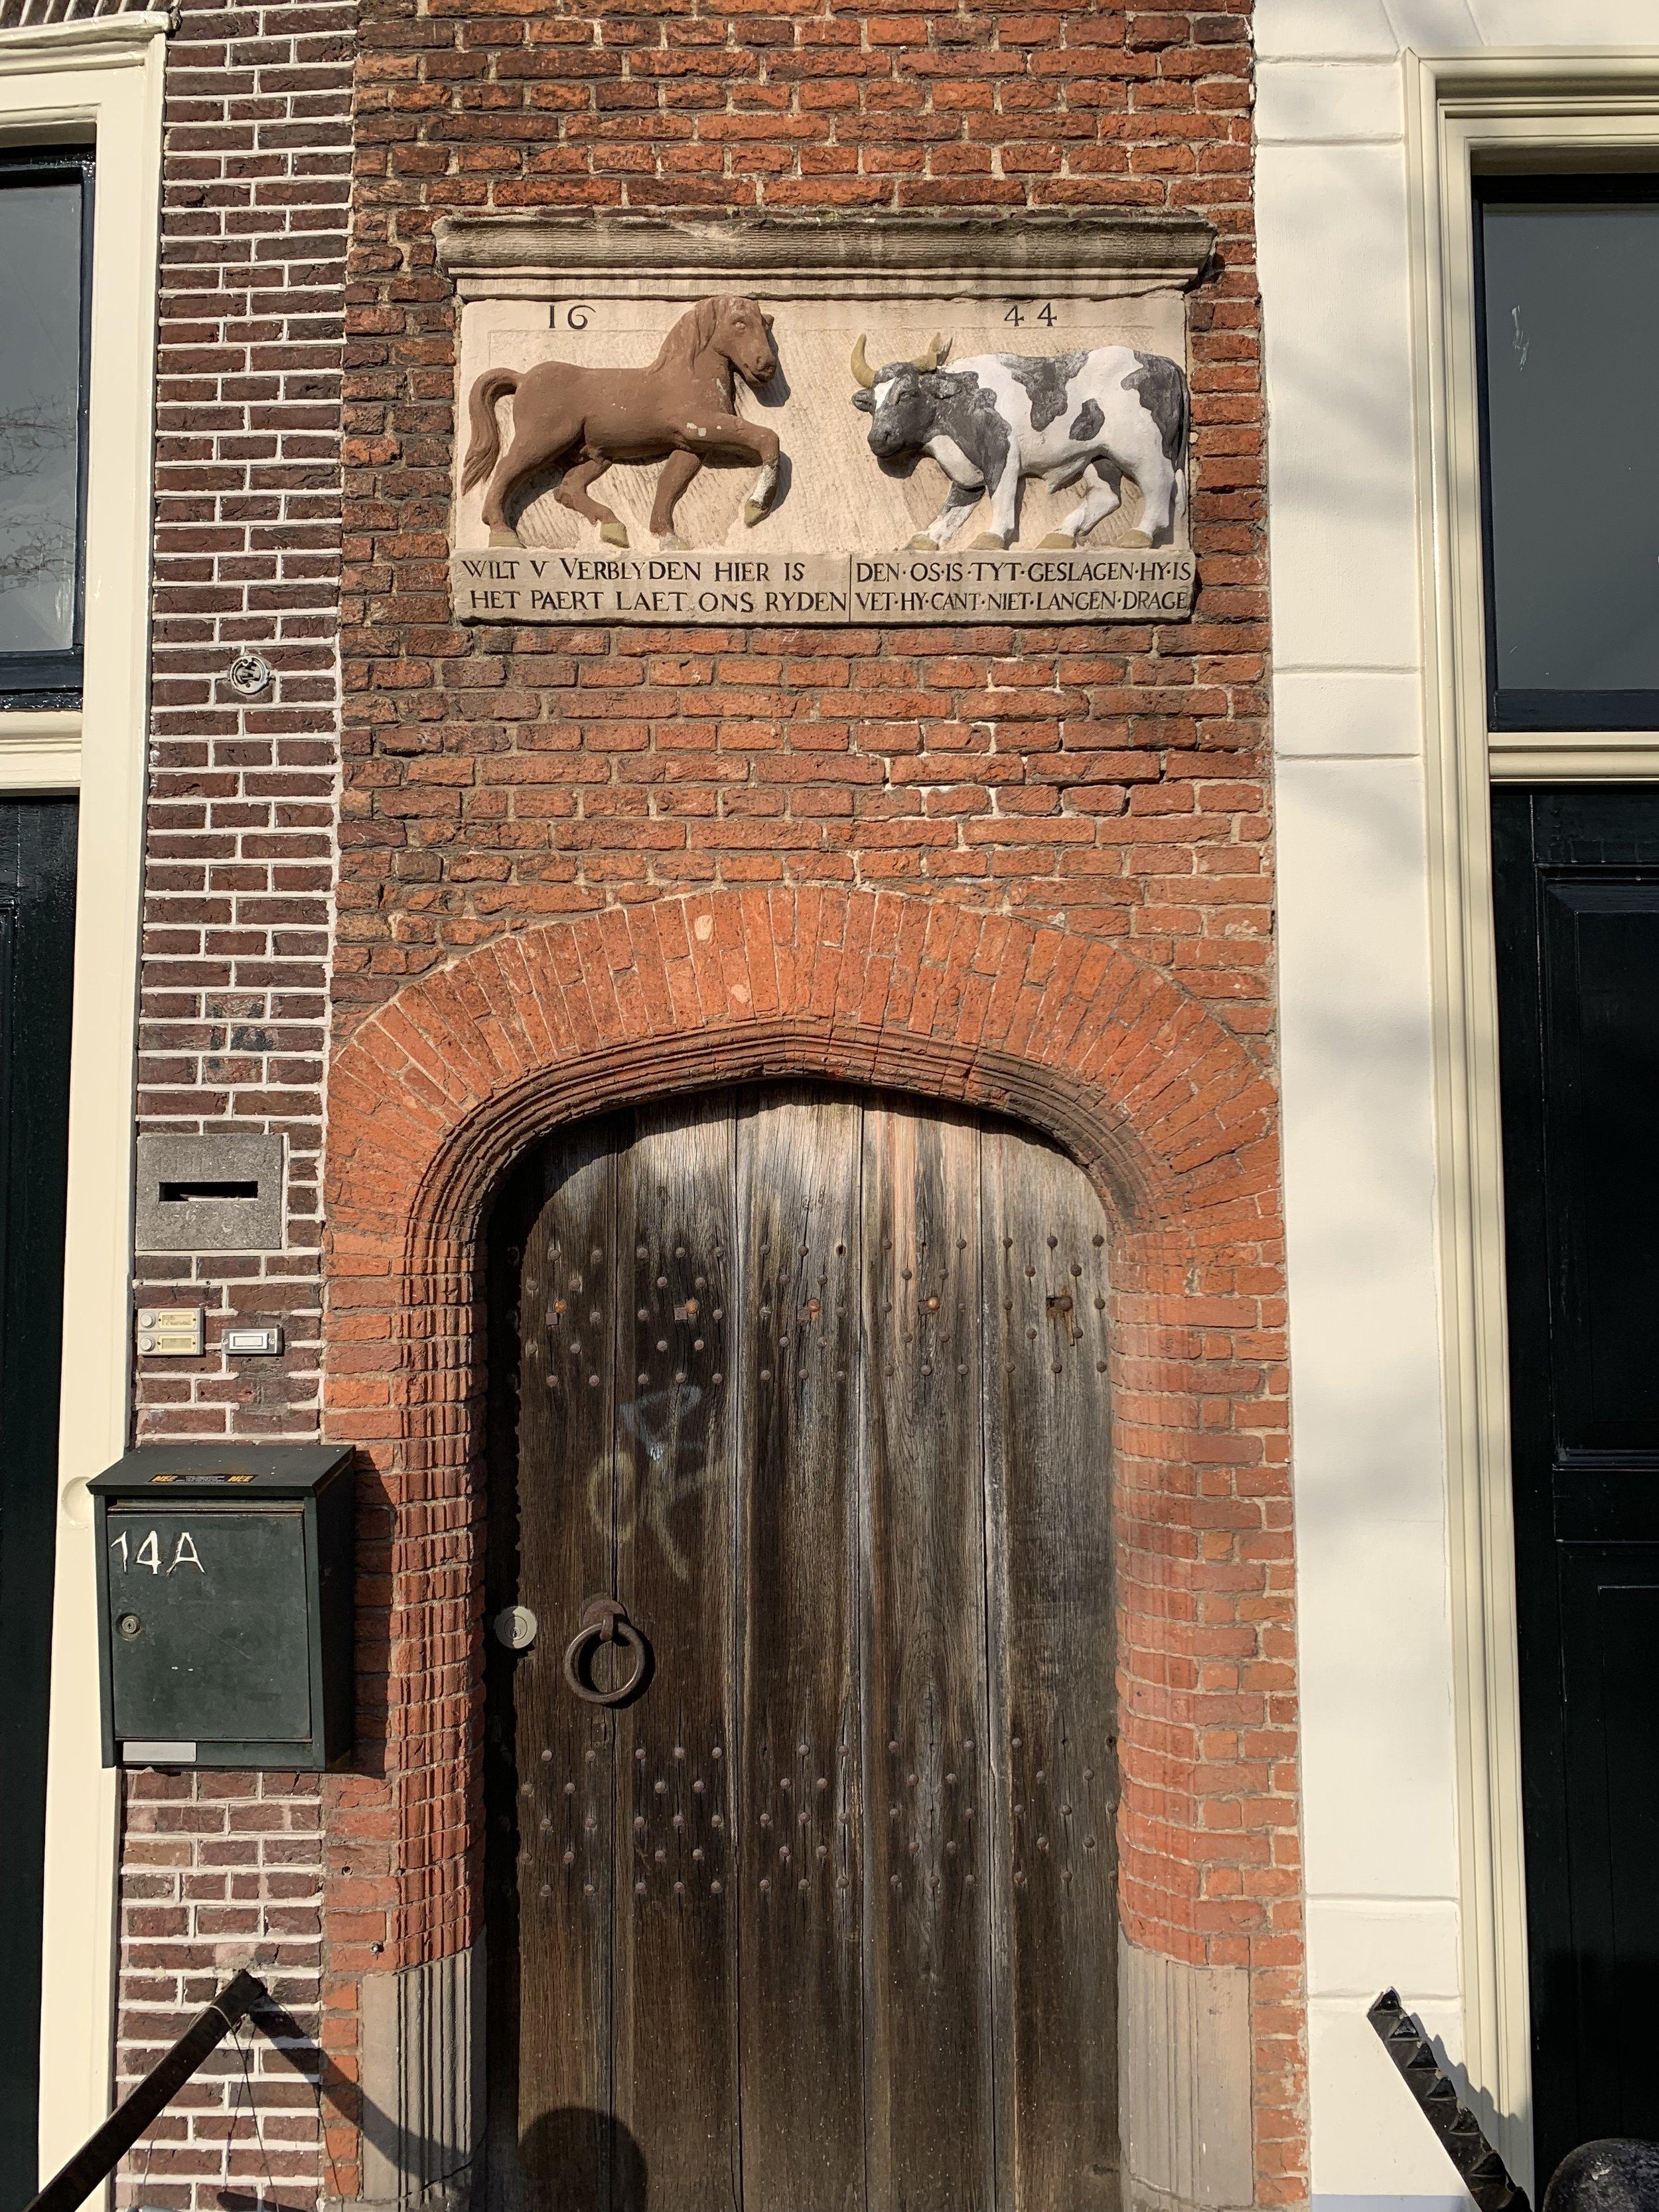 The beautiful doors of Leiden